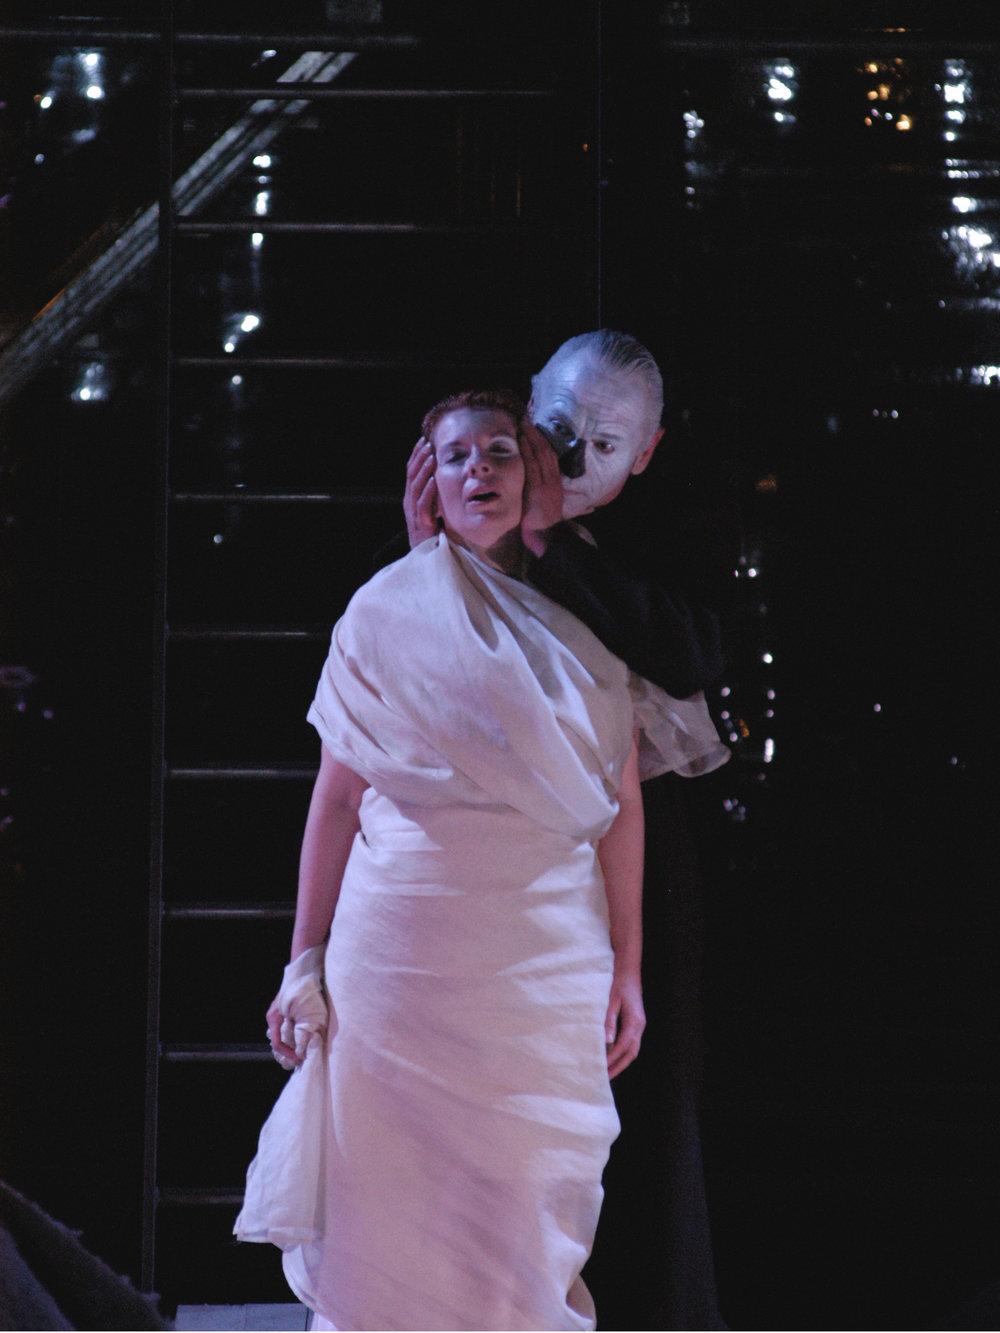 Photo: C& M Baus Courtesy of the Netherlands Opera